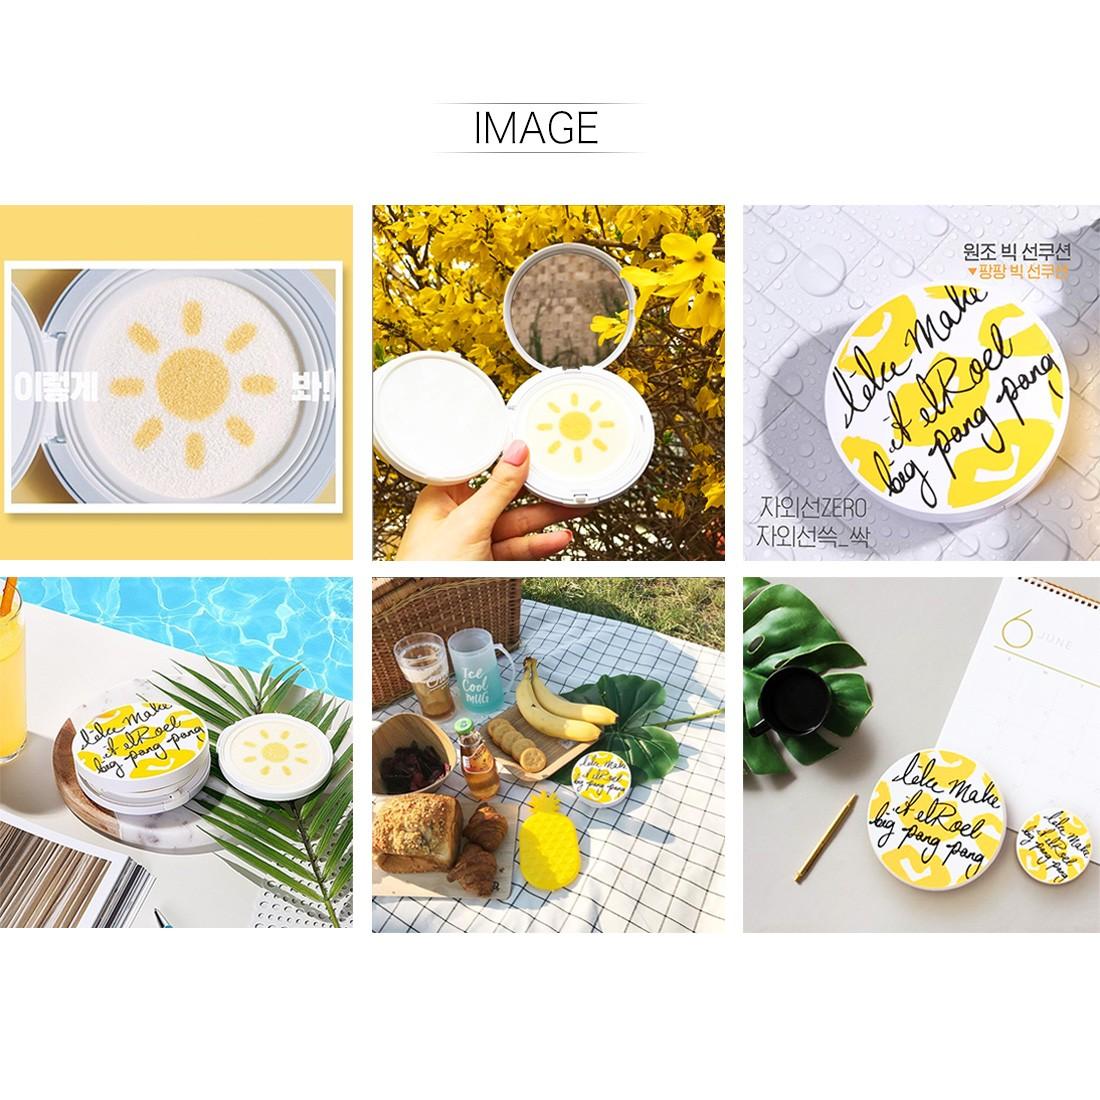 sun_image.jpg